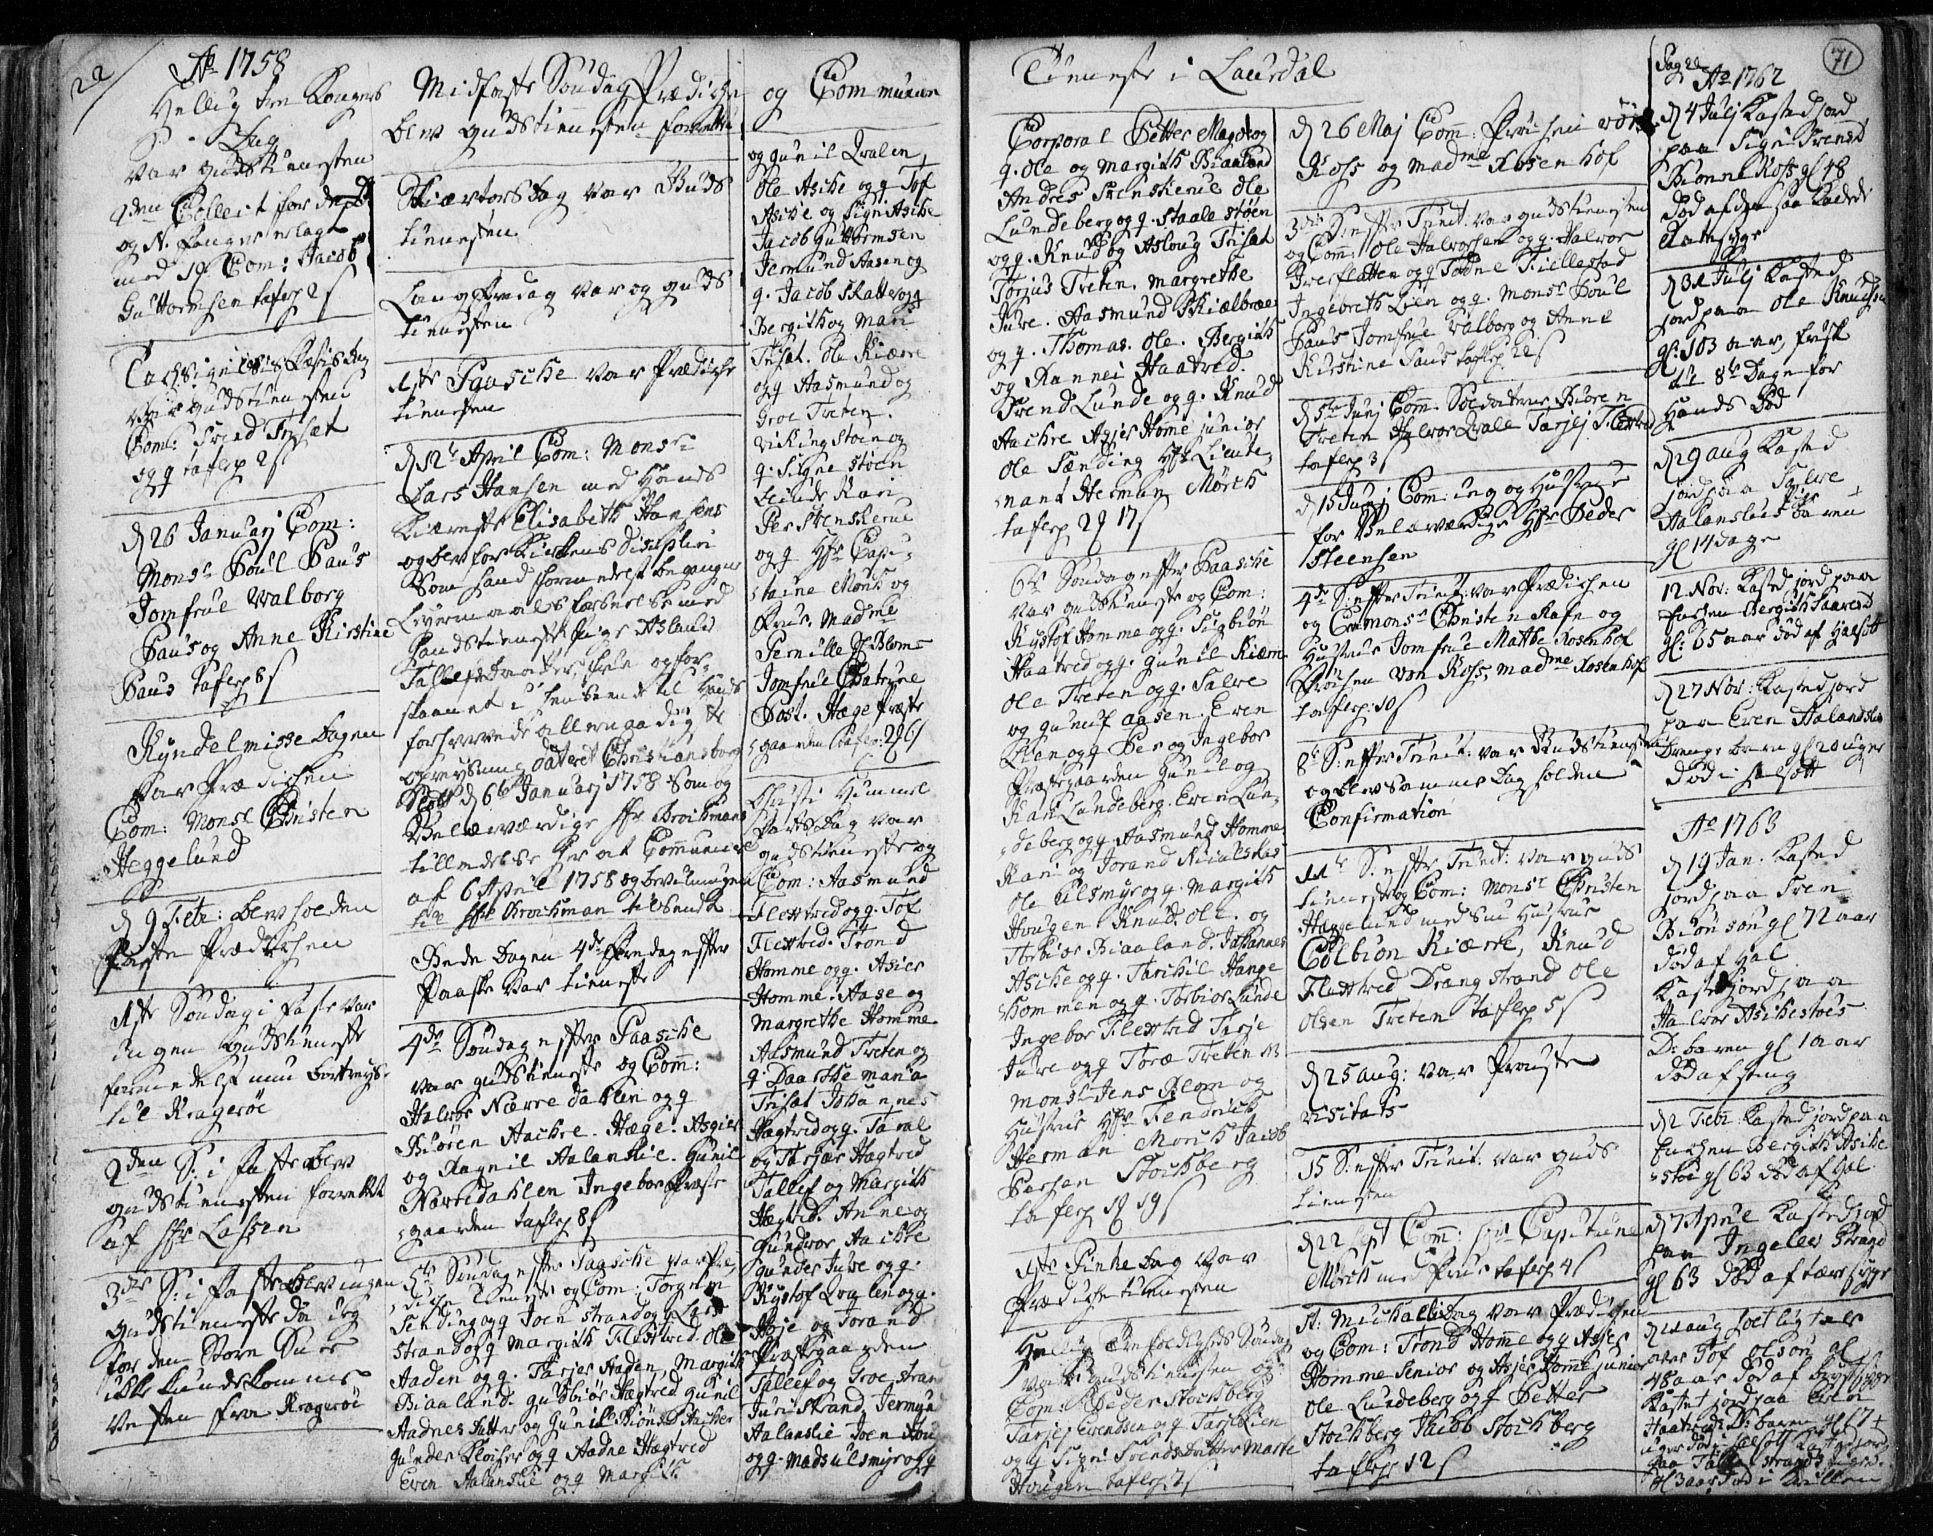 SAKO, Lårdal kirkebøker, F/Fa/L0003: Ministerialbok nr. I 3, 1754-1790, s. 71